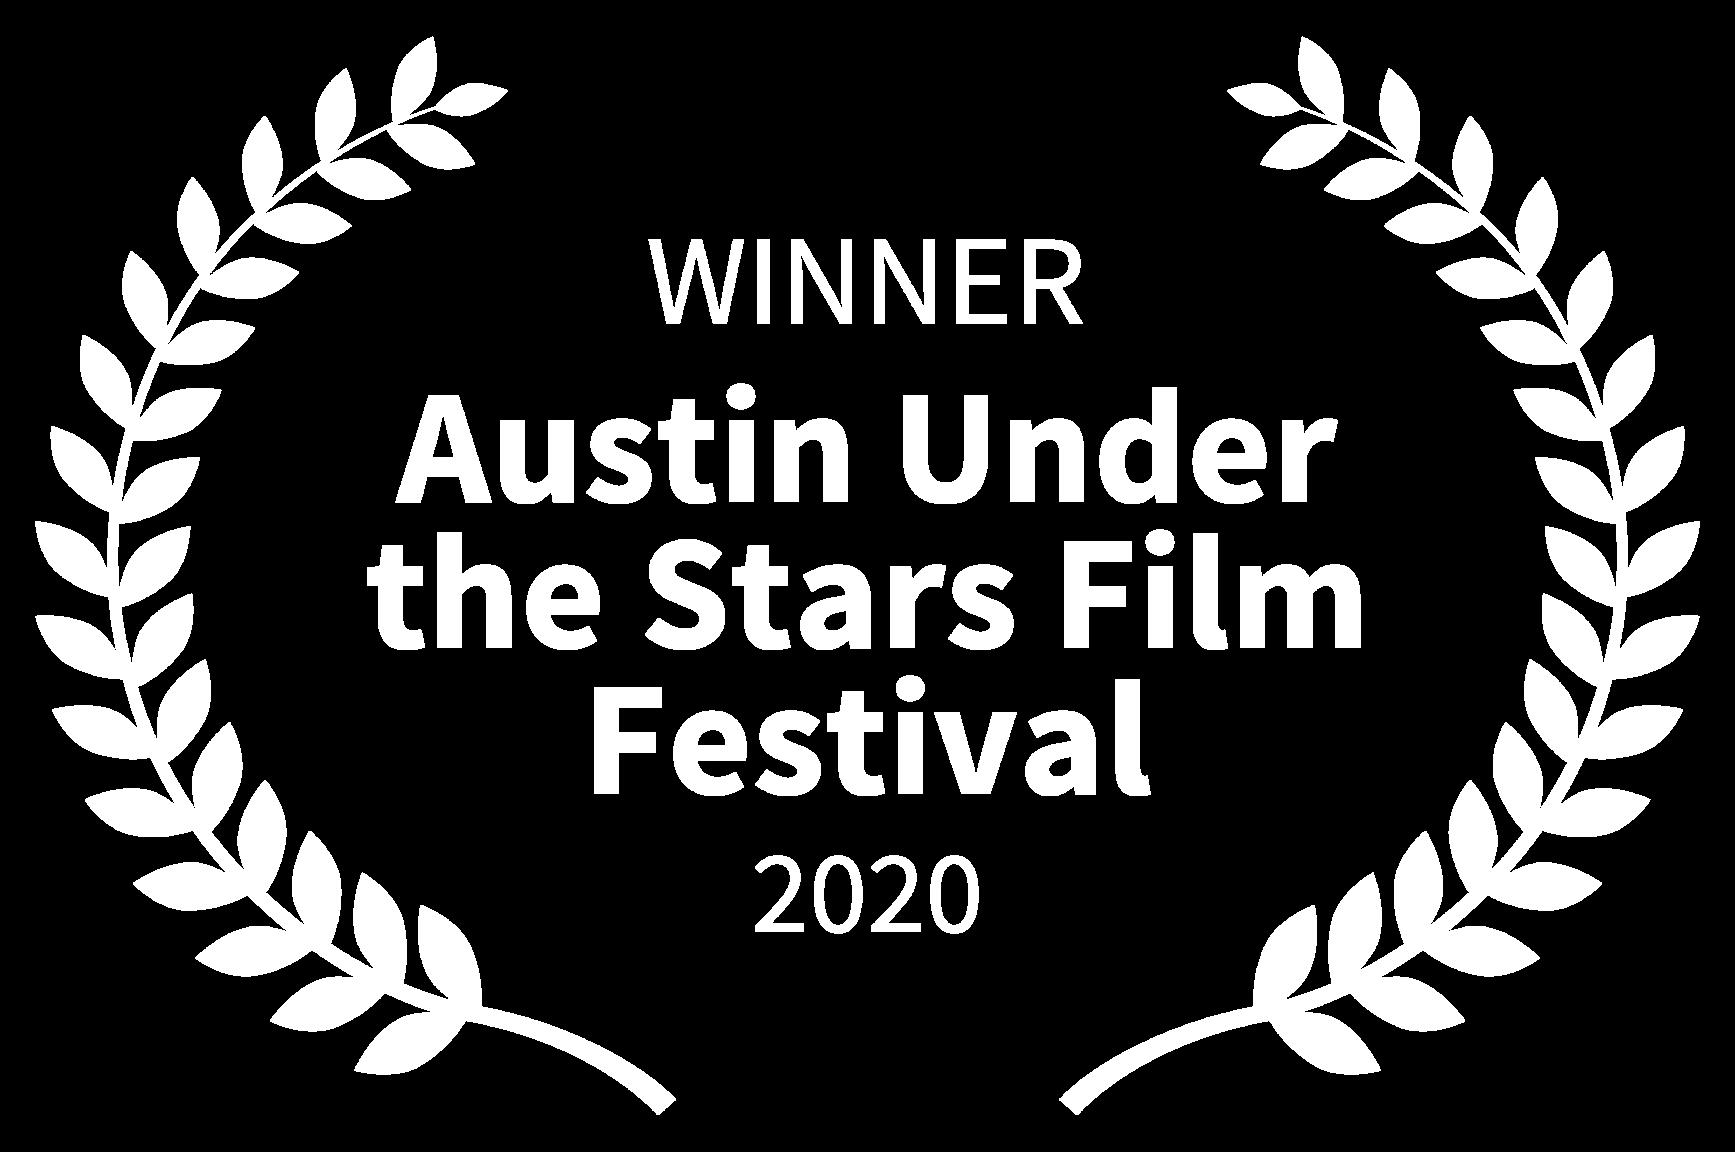 WINNER - Austin Under the Stars Film Festival - 2020